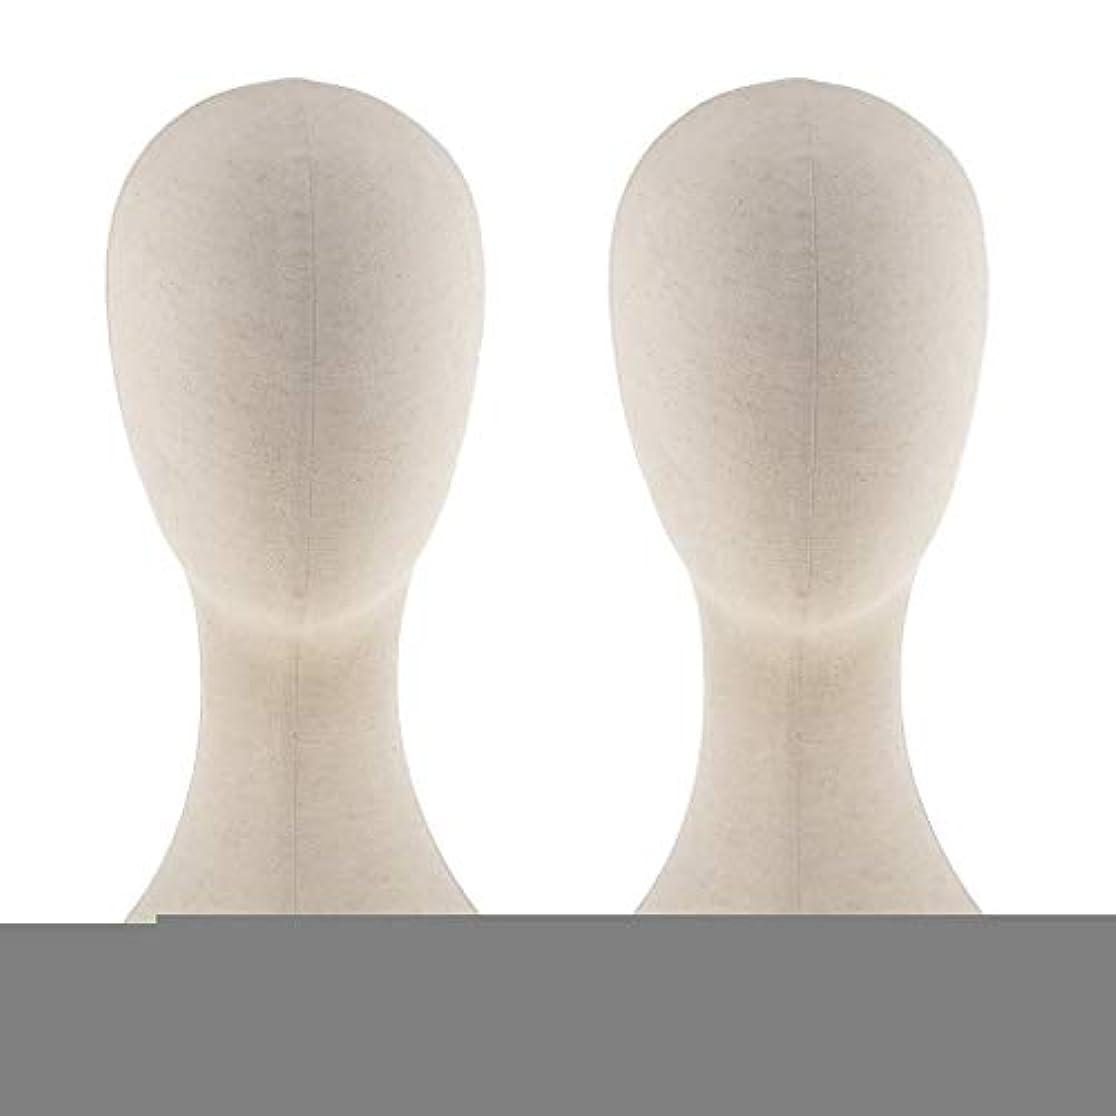 とげのあるハーブフルーティーT TOOYFUL キャンバス マネキン ヘッド トルソー 頭 カット練習 頭部 女性 ウィッグマネキン ウィッグスタンド2個